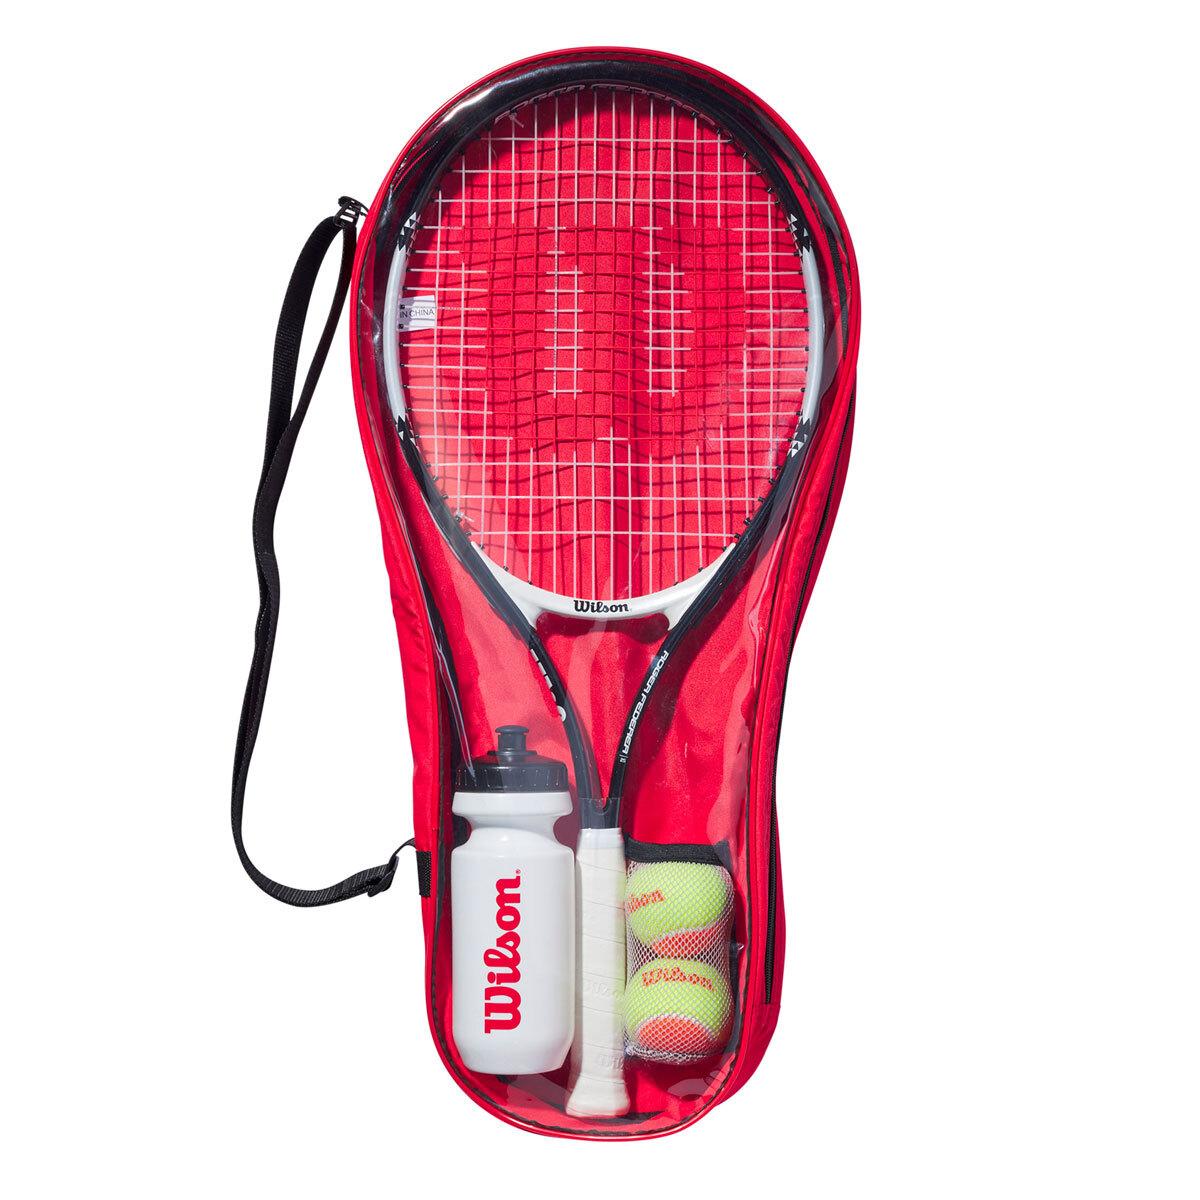 Wilson Roger Federer 25 63cm Junior Tennis Racquet Set 9 10 Years Costco Uk